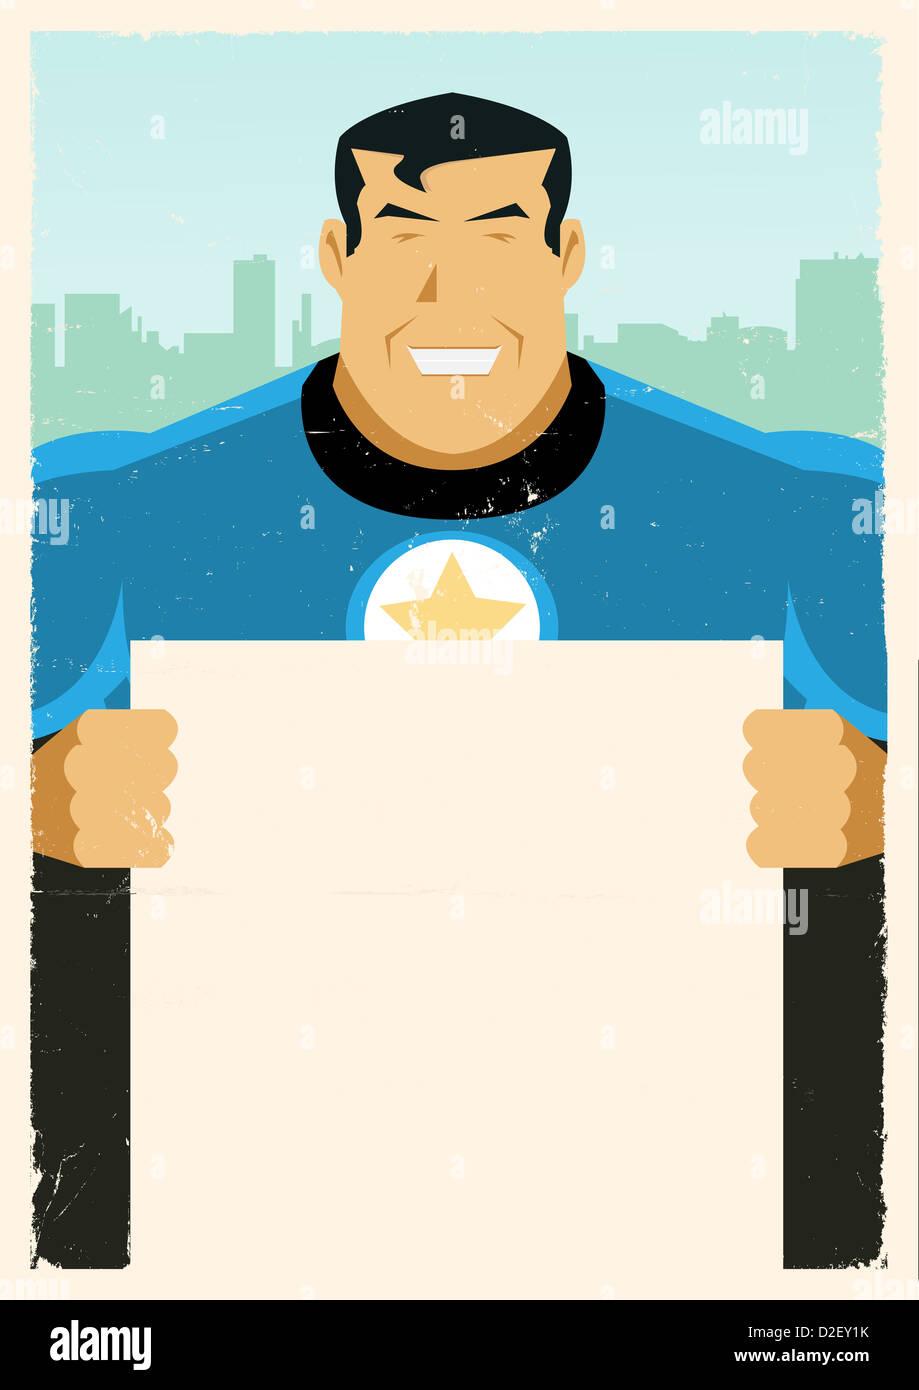 Ilustración de un super héroe estilizado celebración publicidad signo Foto de stock